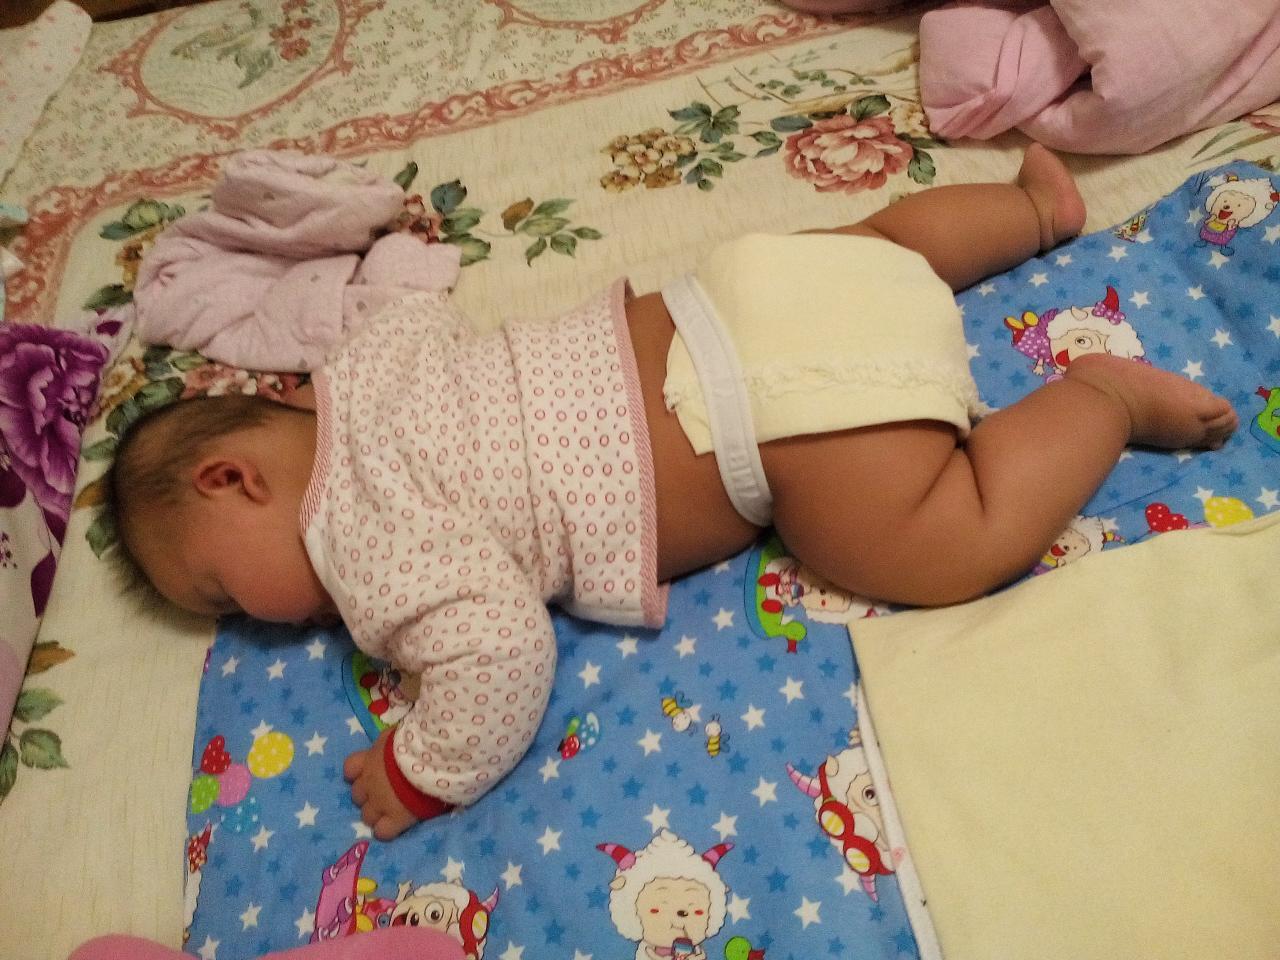 宝宝会趴着睡觉了.图片